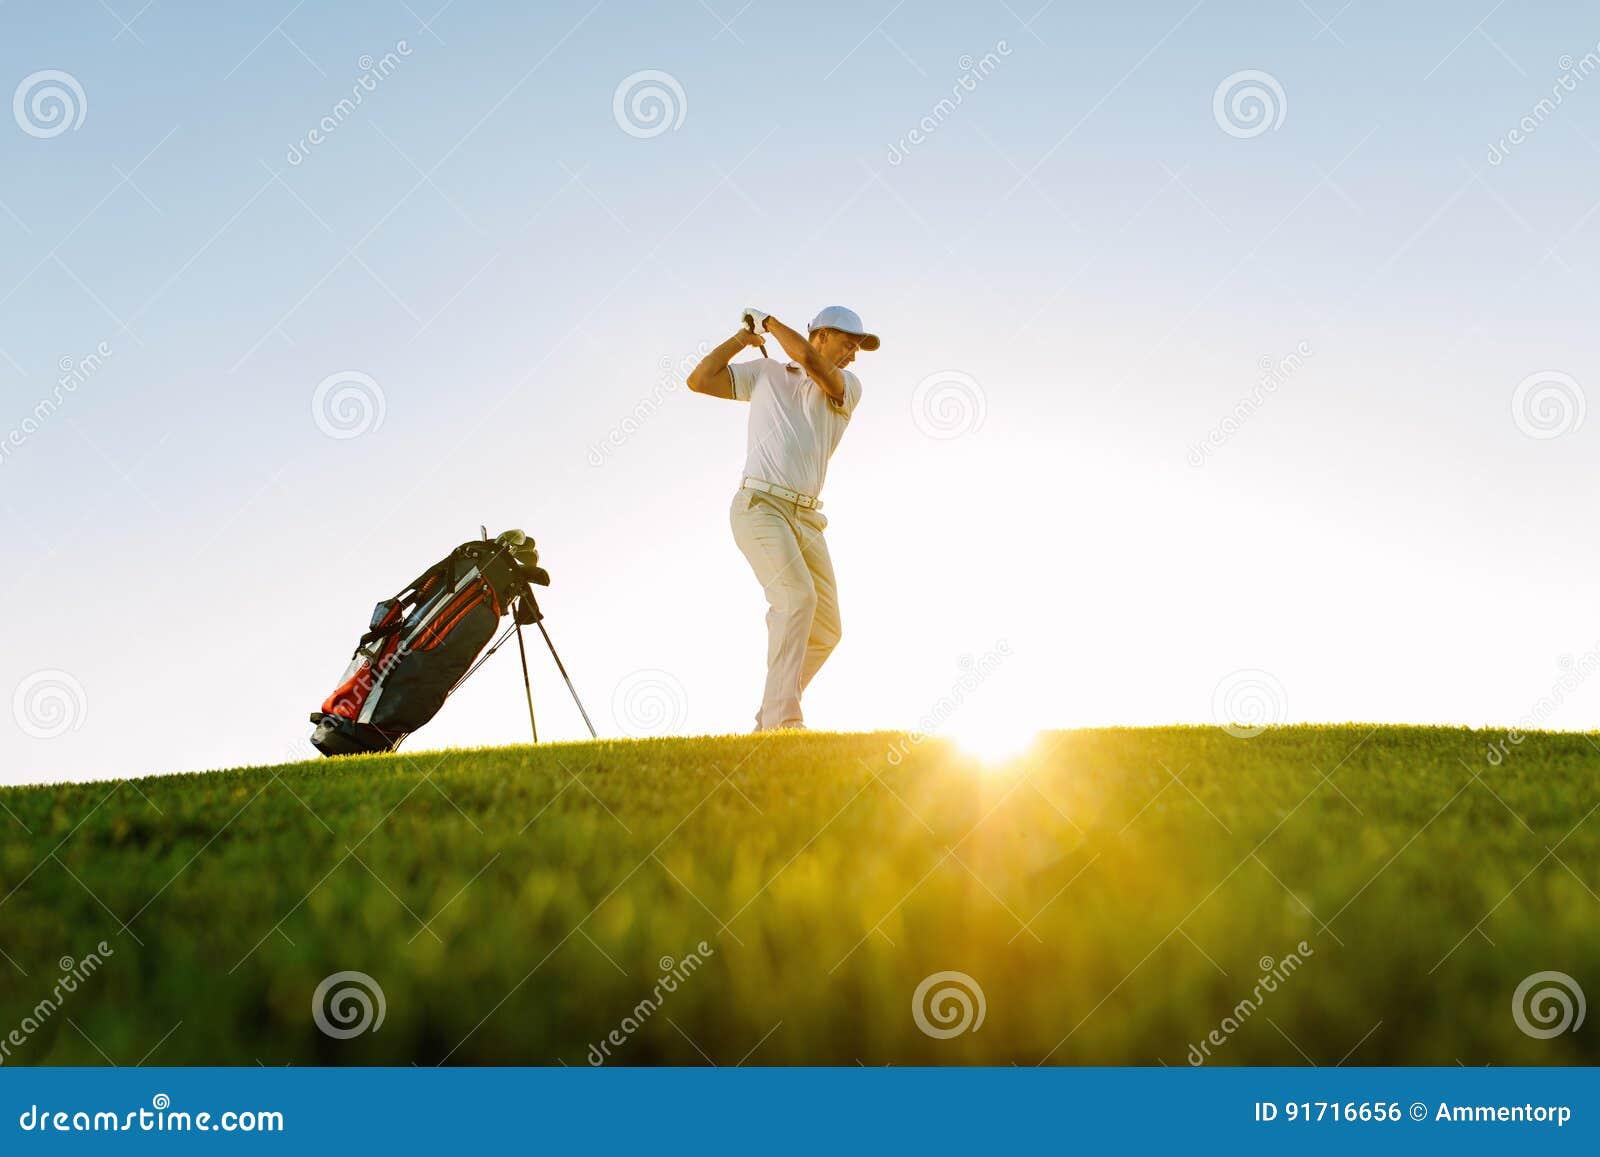 Jogador de golfe masculino que toma o tiro no campo de golfe